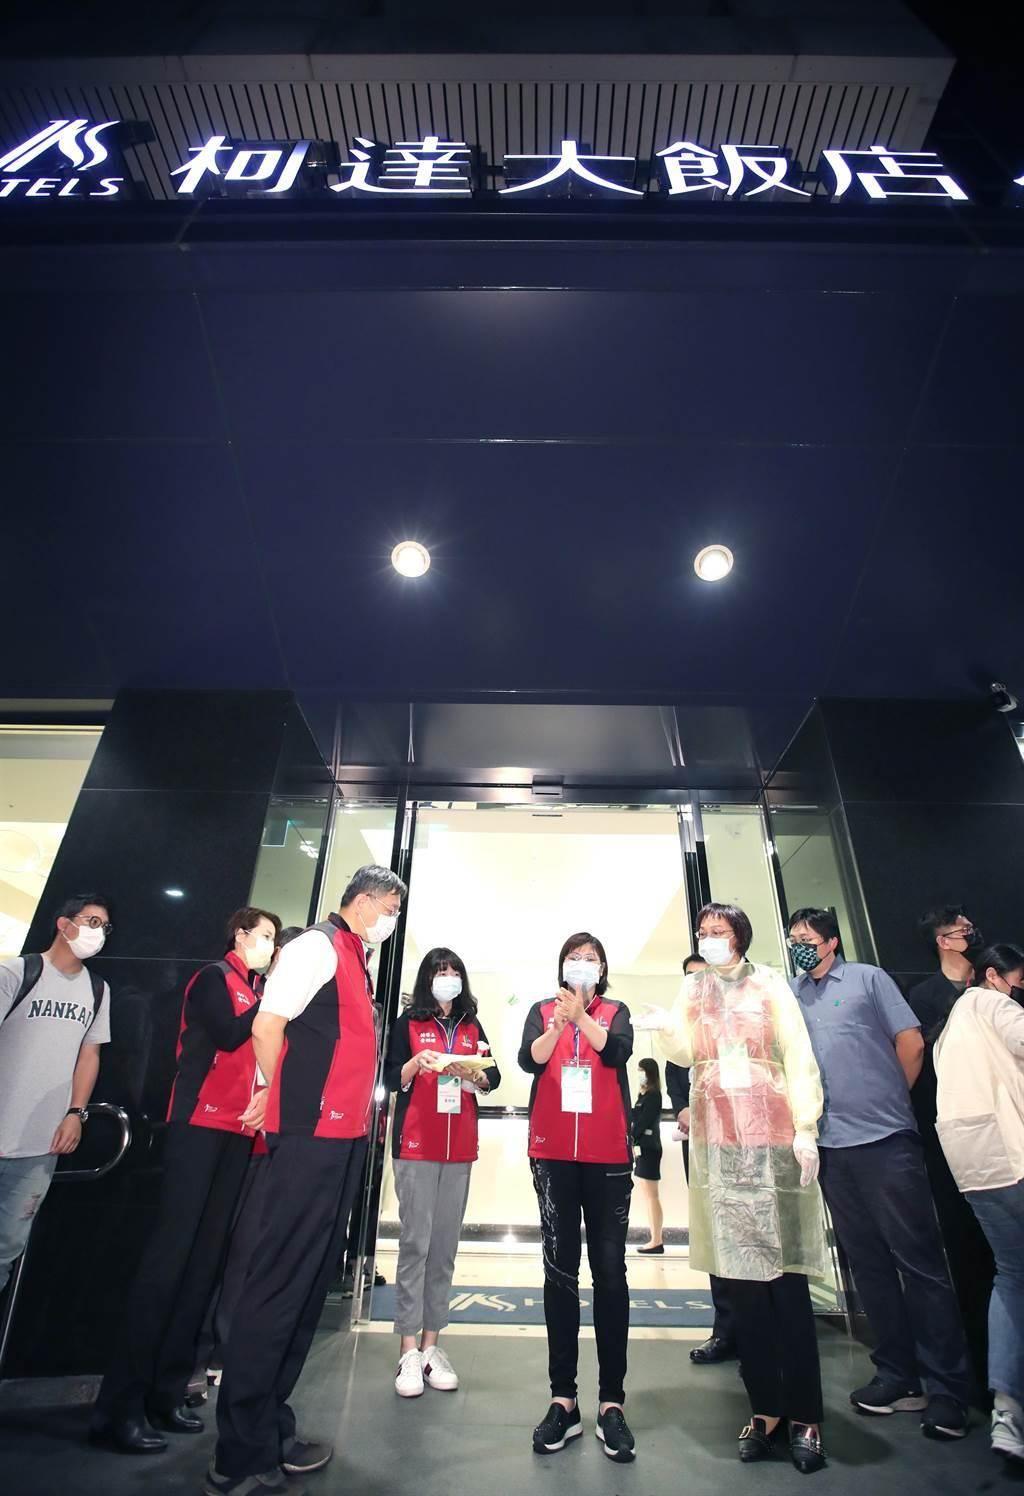 台北市長柯文哲(左)6日因應華航機師、諾富特飯店發生群聚事件,前往台北市的防疫飯店之一柯達飯店視察,針對北市102家防疫旅館是否確實做好防疫標準作業流程(SOP)進行總體檢,圖為柯文哲在進入飯店前,觀看工作人員示範穿著防護衣。(鄭任南攝)